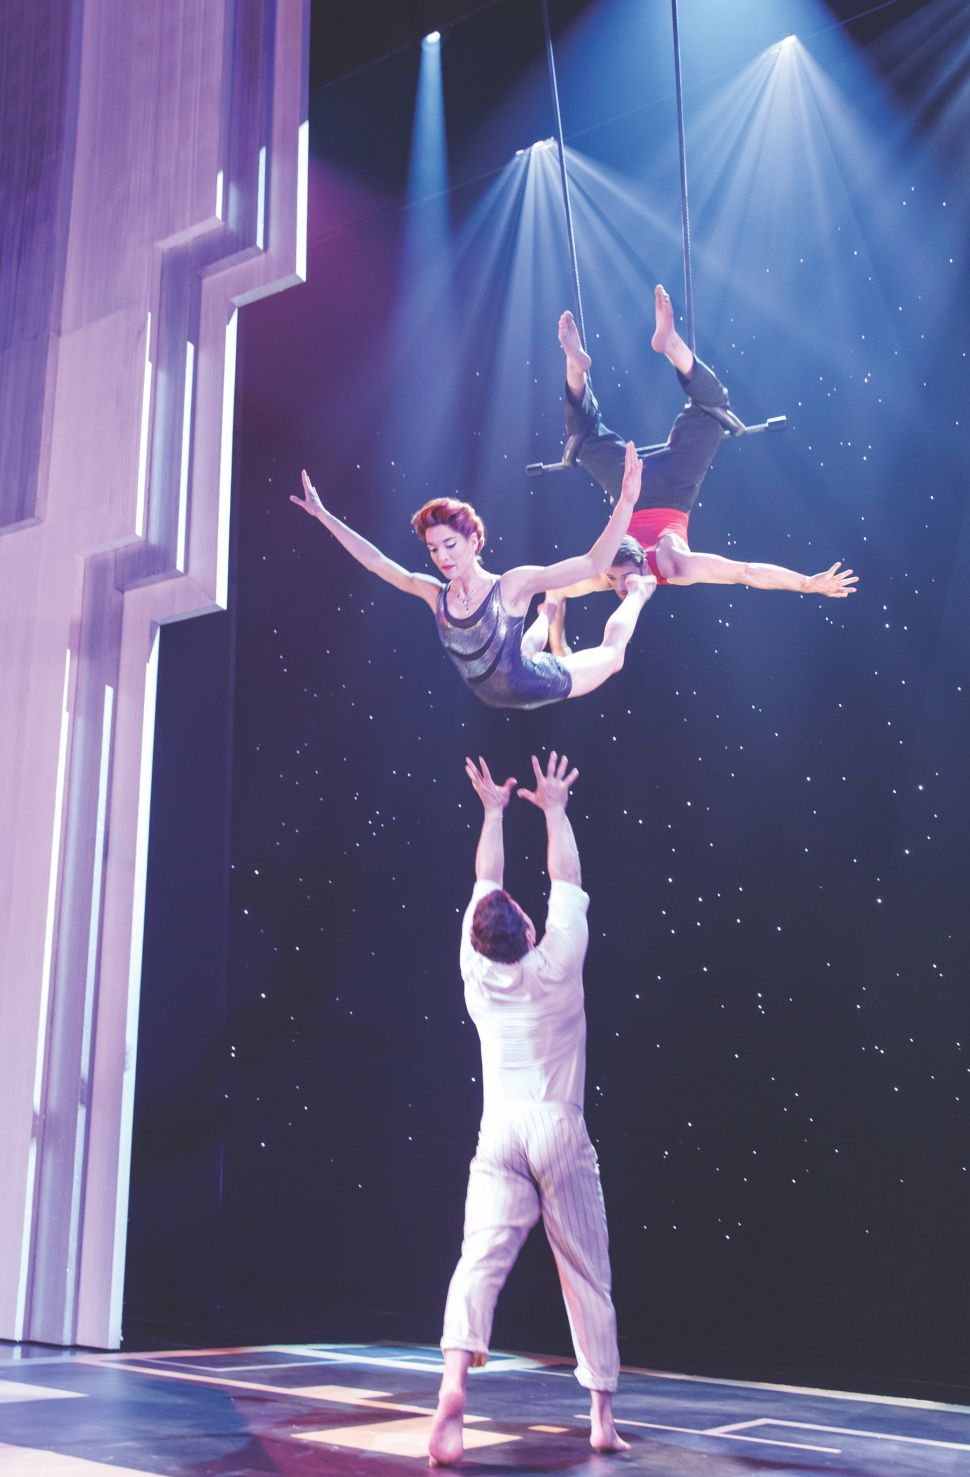 Cirque du Soleil Brings Its Acrobatic Extravaganza to Broadway